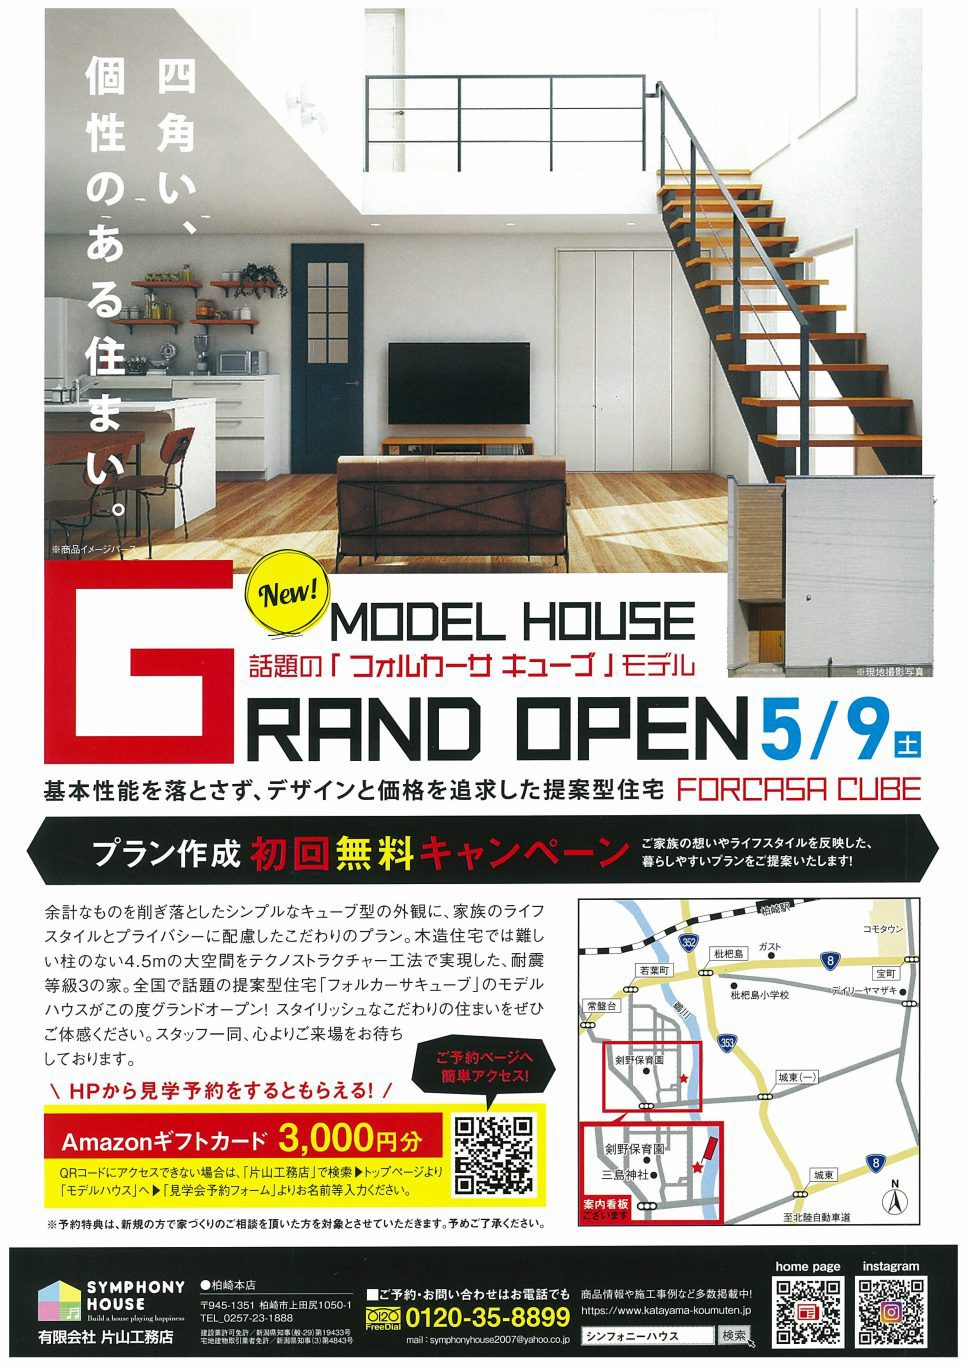 【新モデルハウス 5月9日OPEN!】